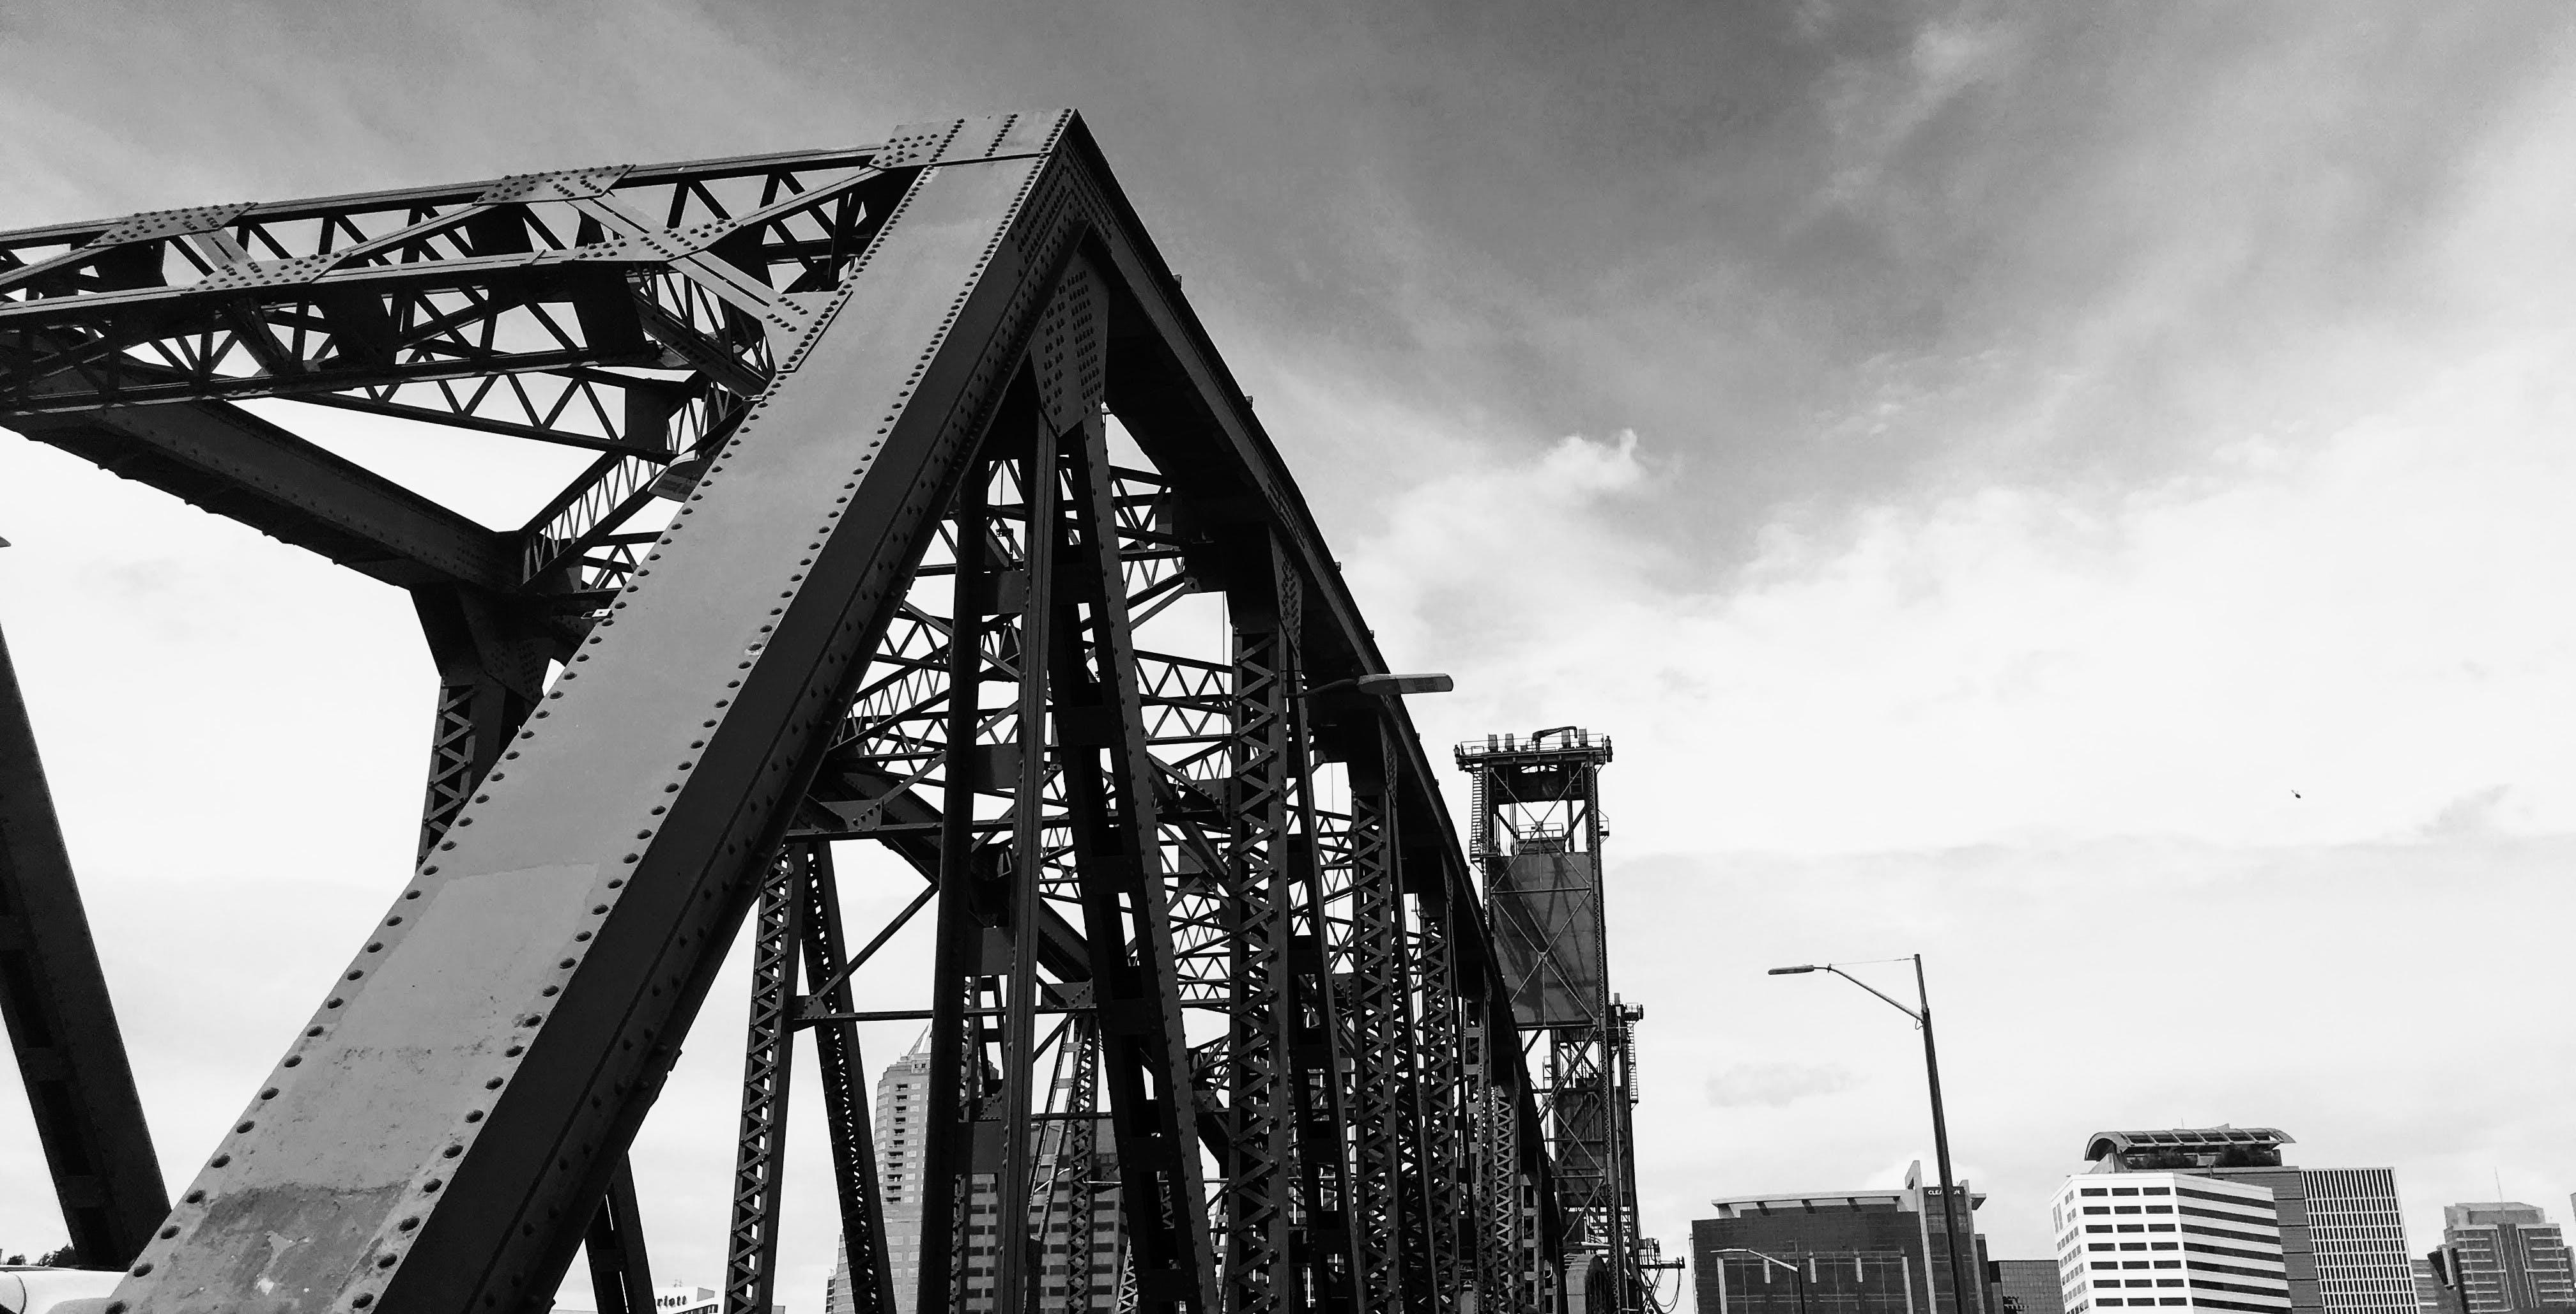 architecture, black and white, bridge